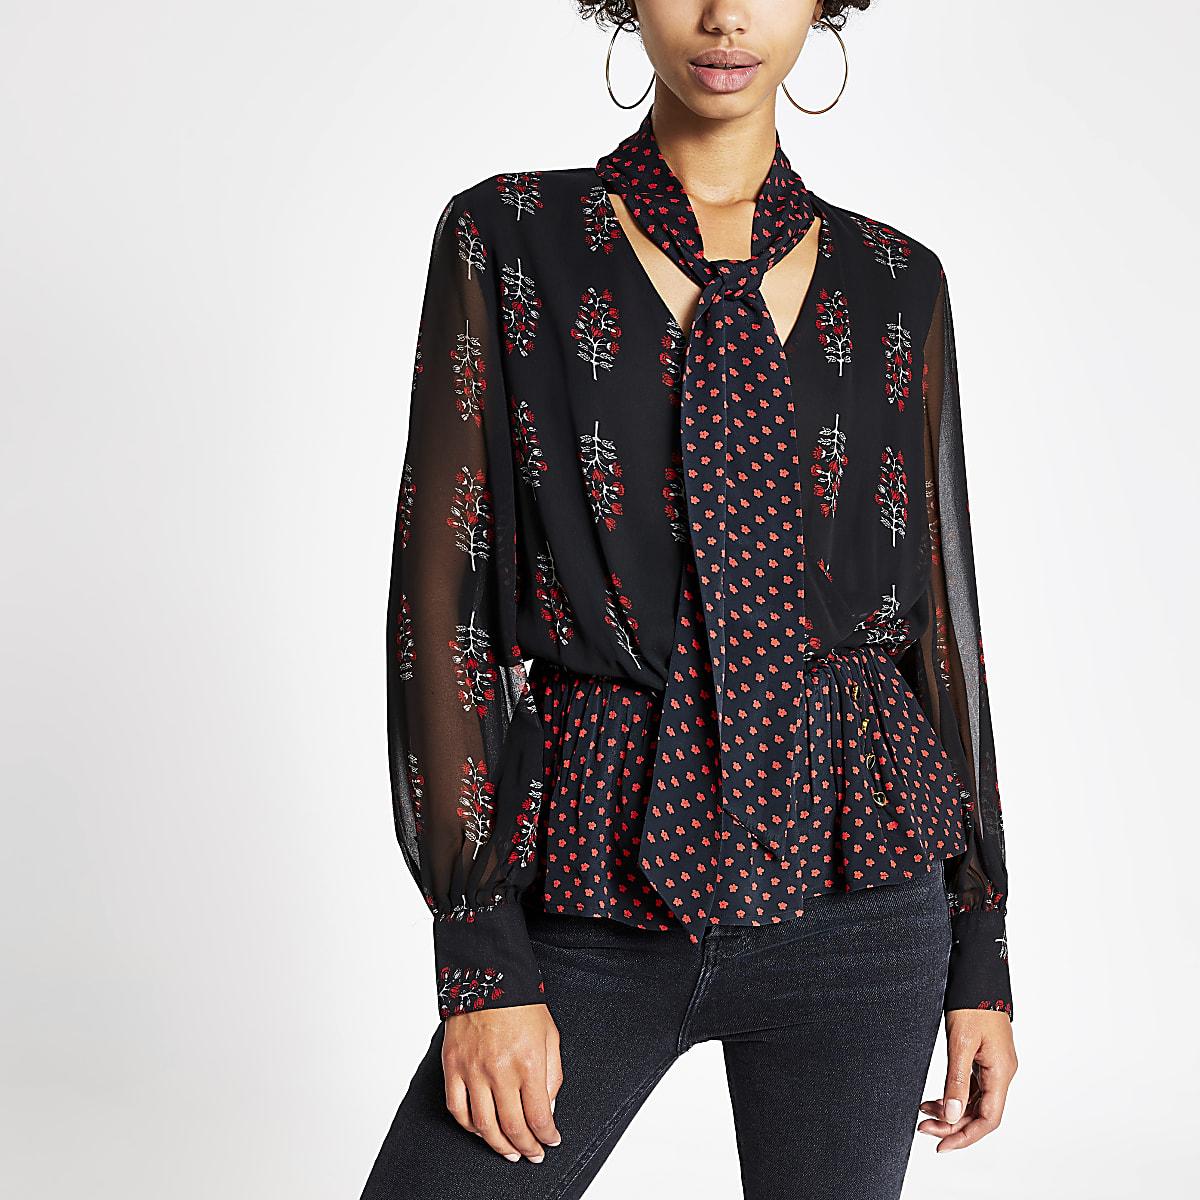 Zwarte blouse met bloemenprint, strik om hals en doorschijnende mouwen